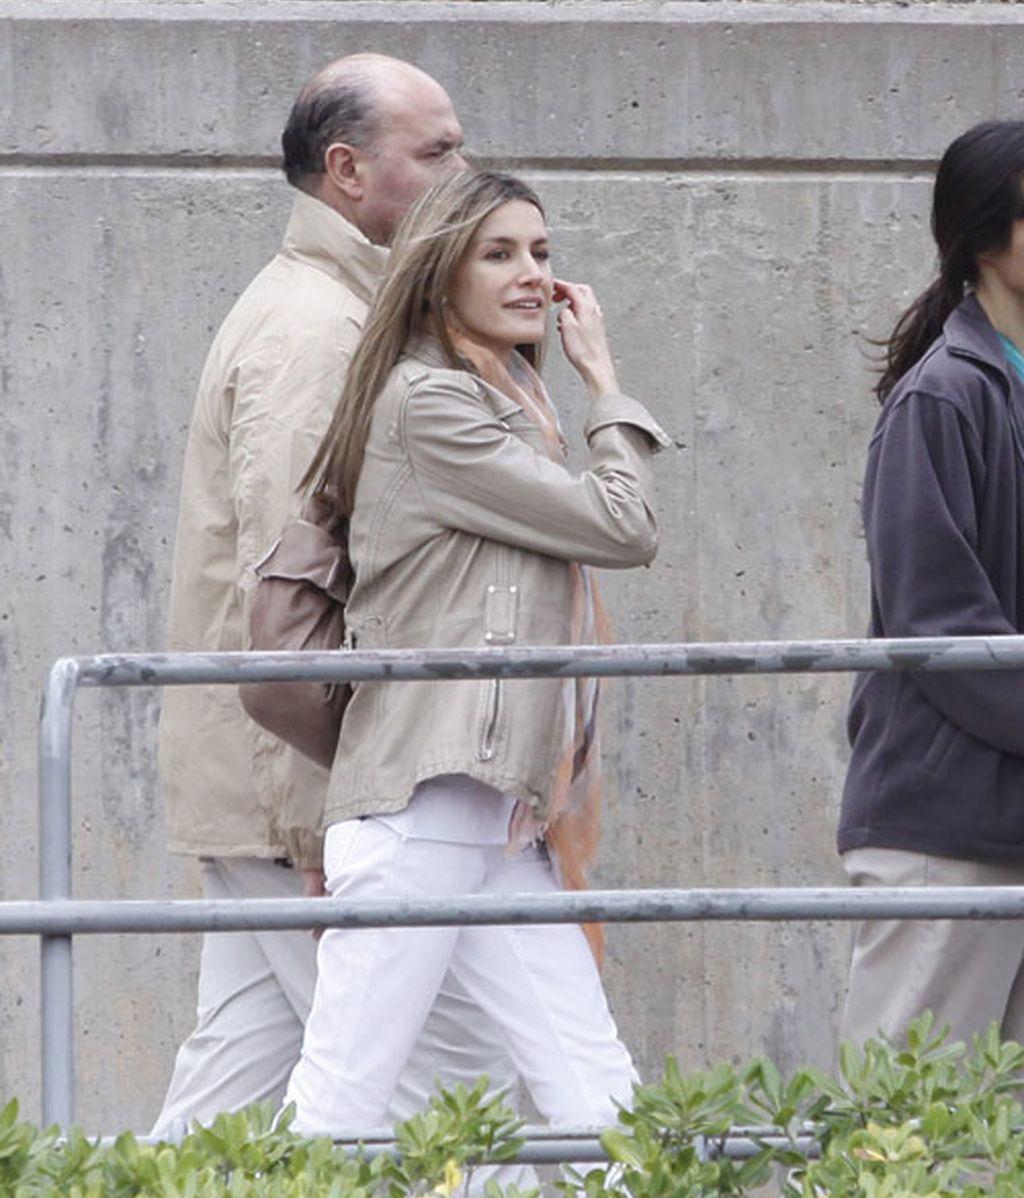 La reina, los príncipes de Asturias y las infantas visitan el zoo de Madrid